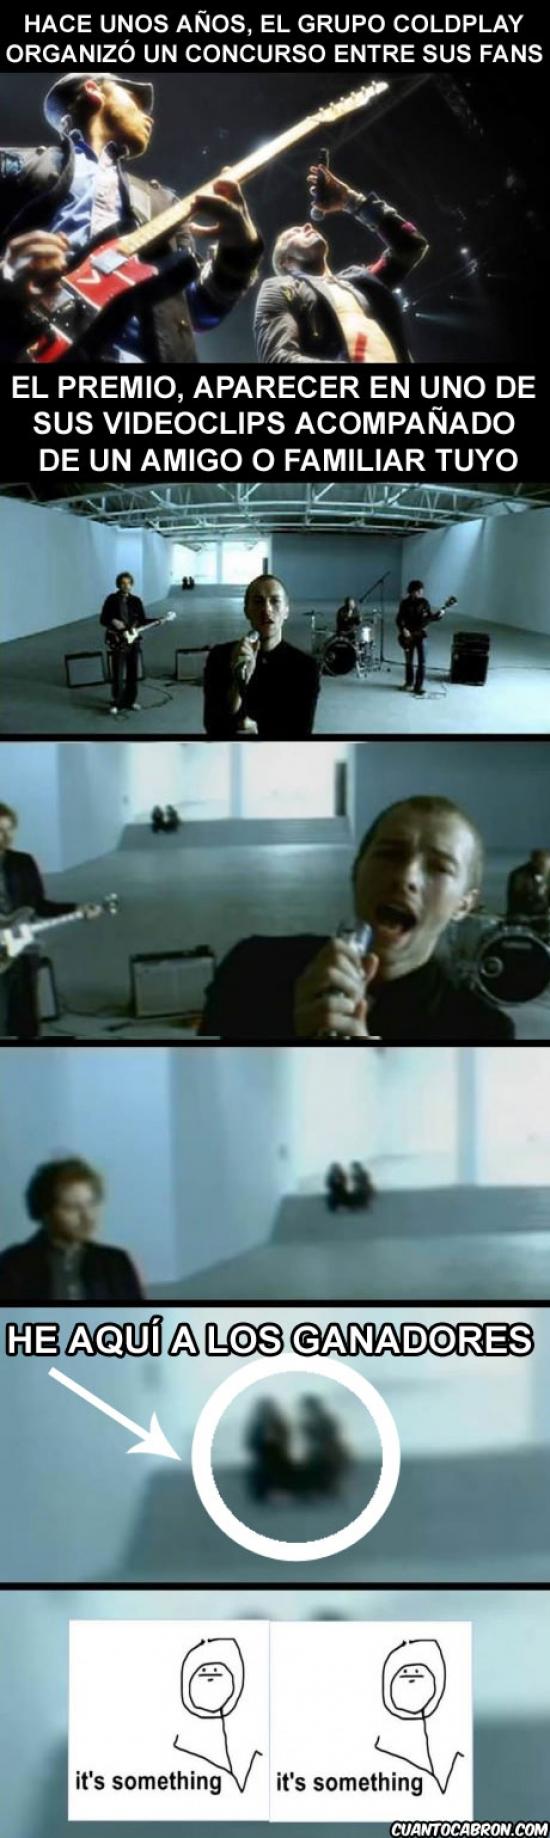 Its_something - Coldplay y su infinita generosidad con sus fans